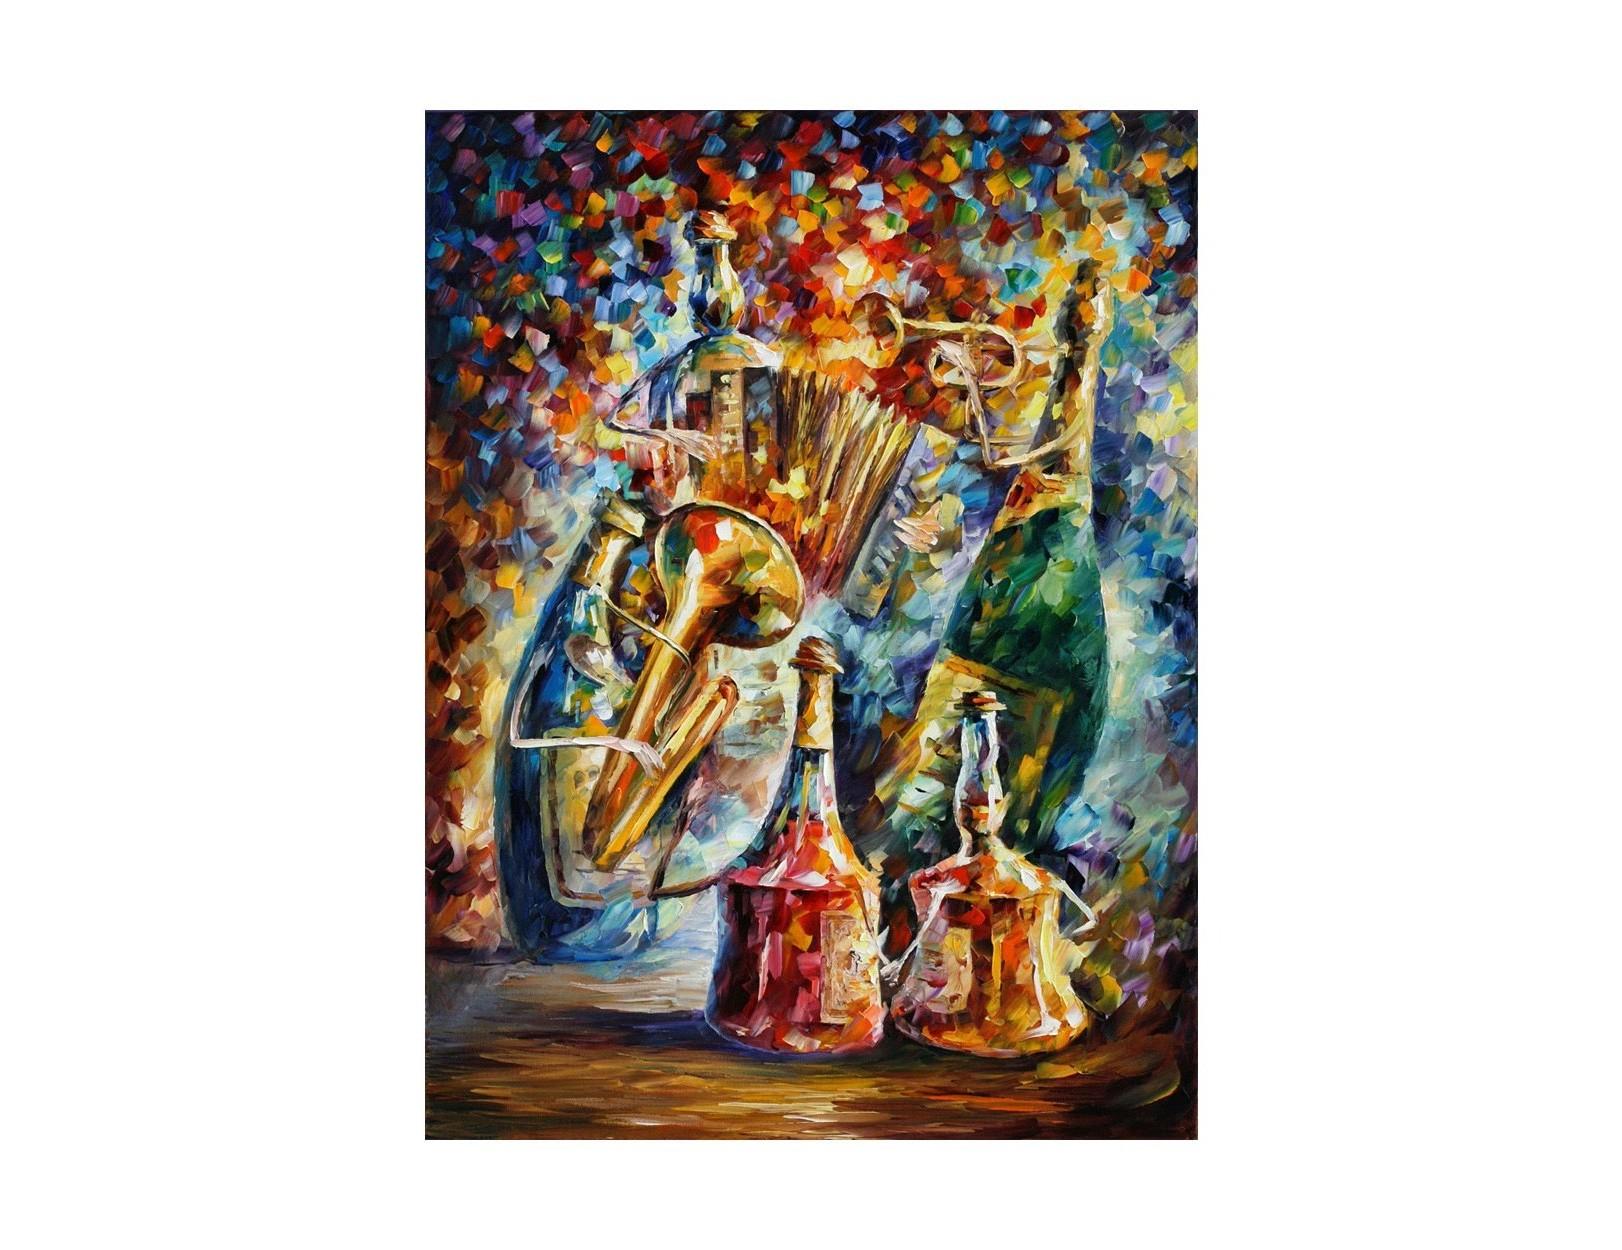 Картина Боттл джазКартины<br>Авторская копия картины Леонида Афремова в технике жекле.&amp;lt;div&amp;gt;&amp;lt;br&amp;gt;&amp;lt;/div&amp;gt;&amp;lt;div&amp;gt;Материал: натуральный холст, деревянный подрамник, лак,итальянский фактурный гель.&amp;lt;br&amp;gt;&amp;lt;/div&amp;gt;<br><br>Material: Холст<br>Width см: 40<br>Depth см: 3<br>Height см: 50